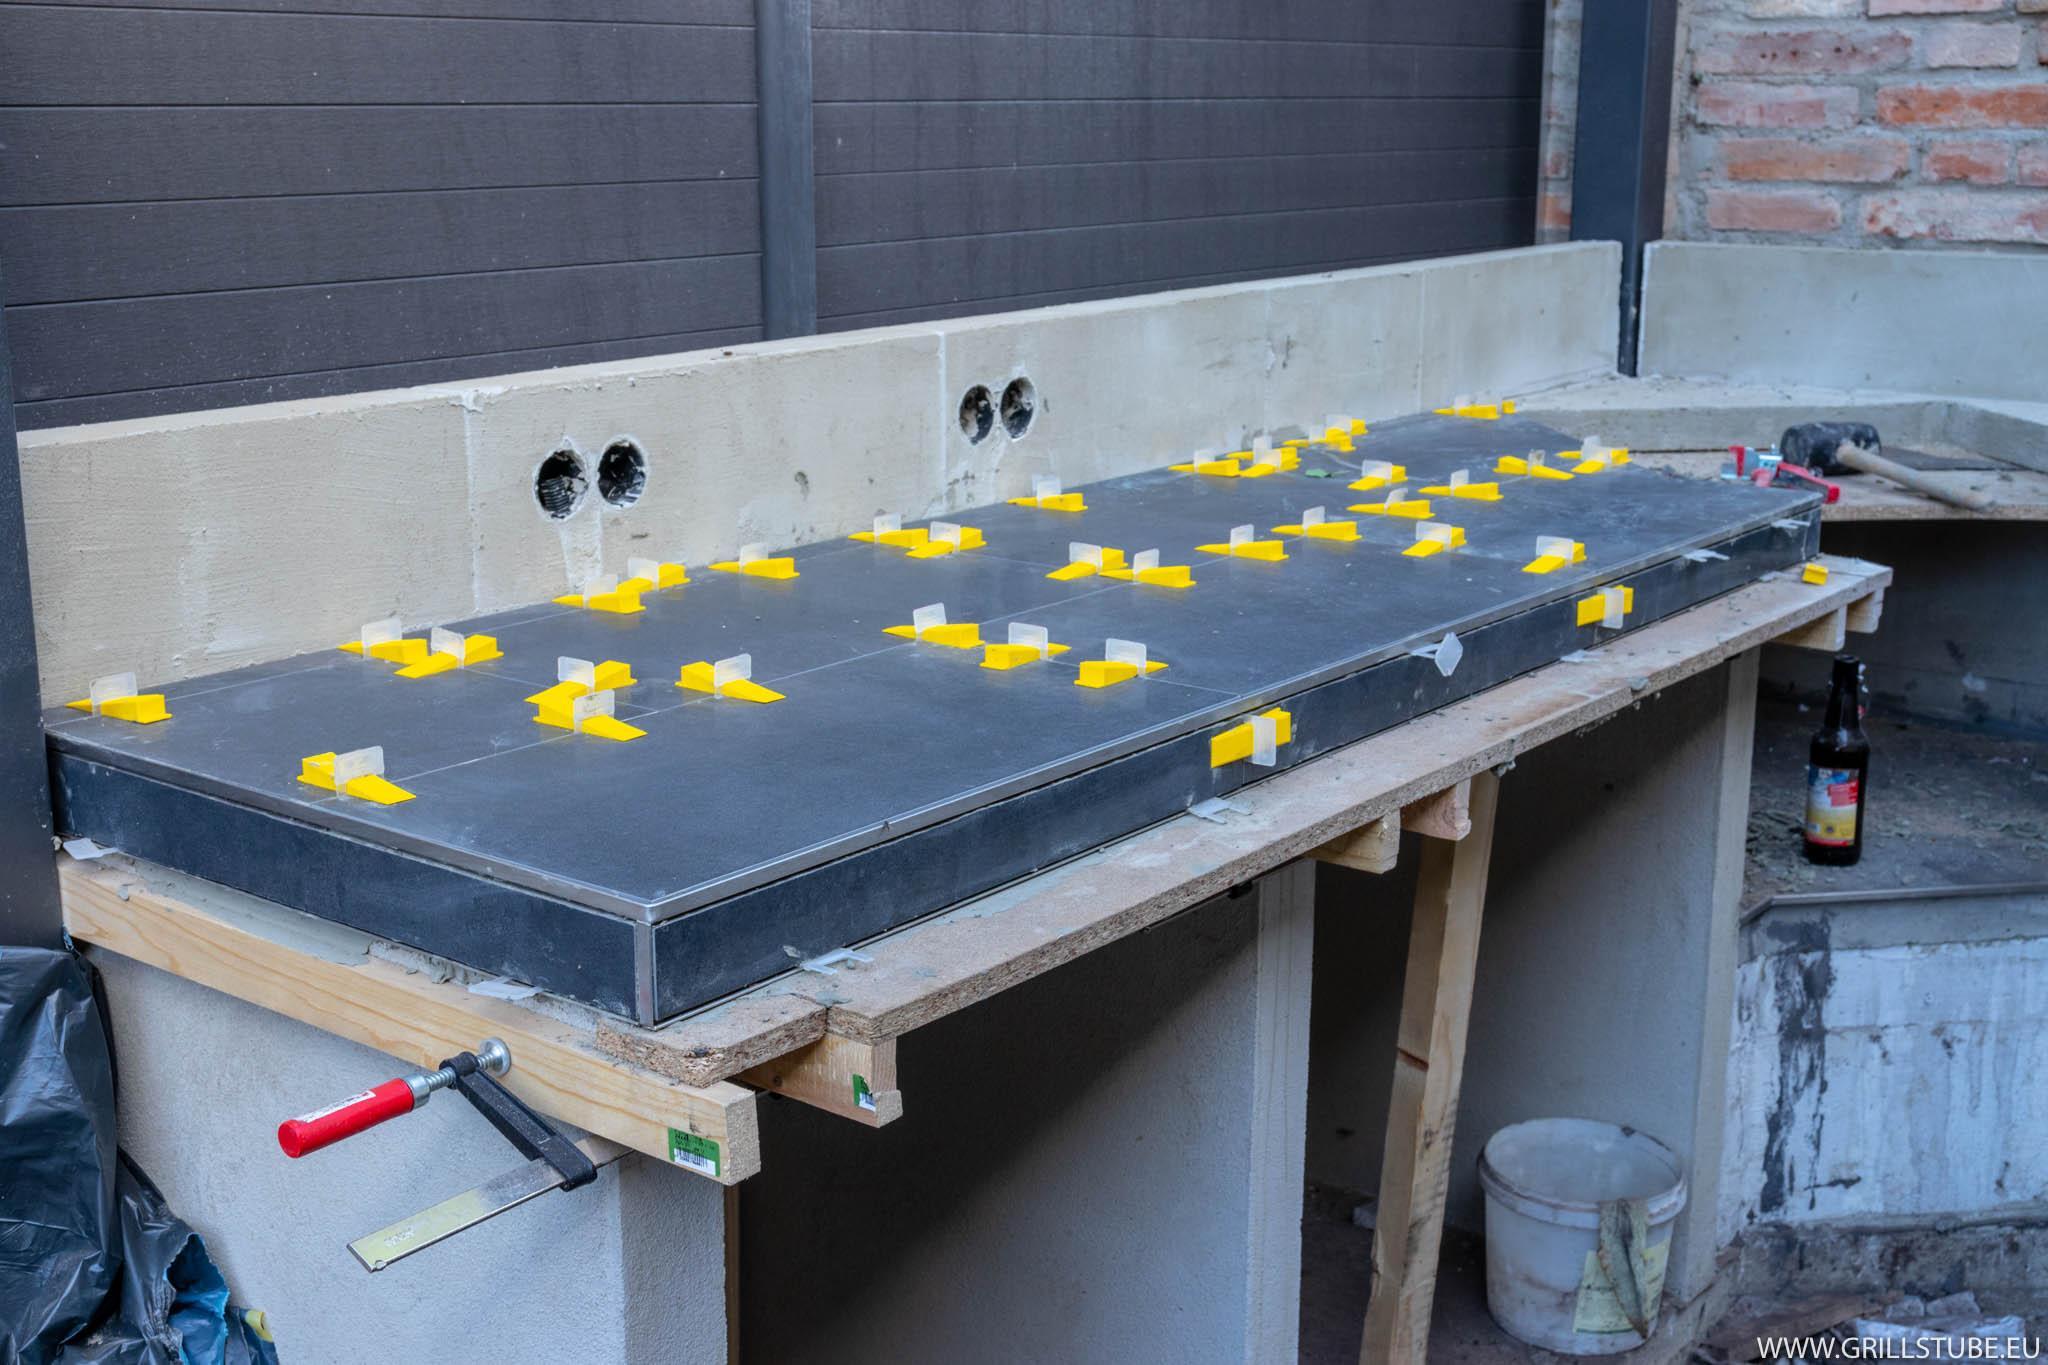 Outdoorküche Arbeitsplatte Test : Outdoorküche: arbeitsplatte fliesen teil 1 andys grillstube 2.0